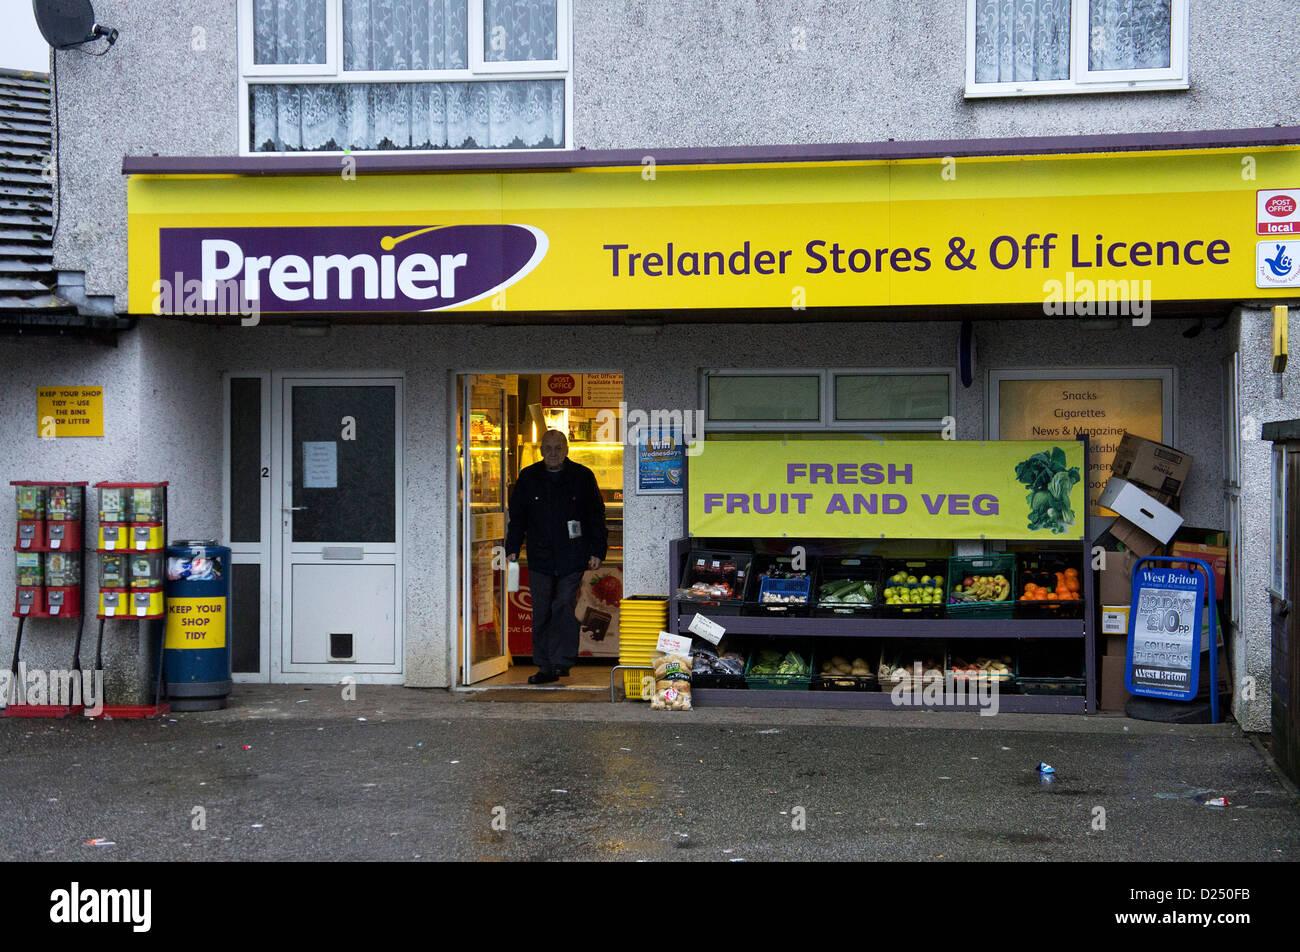 Un Premier tiendas locales y licencia Imagen De Stock